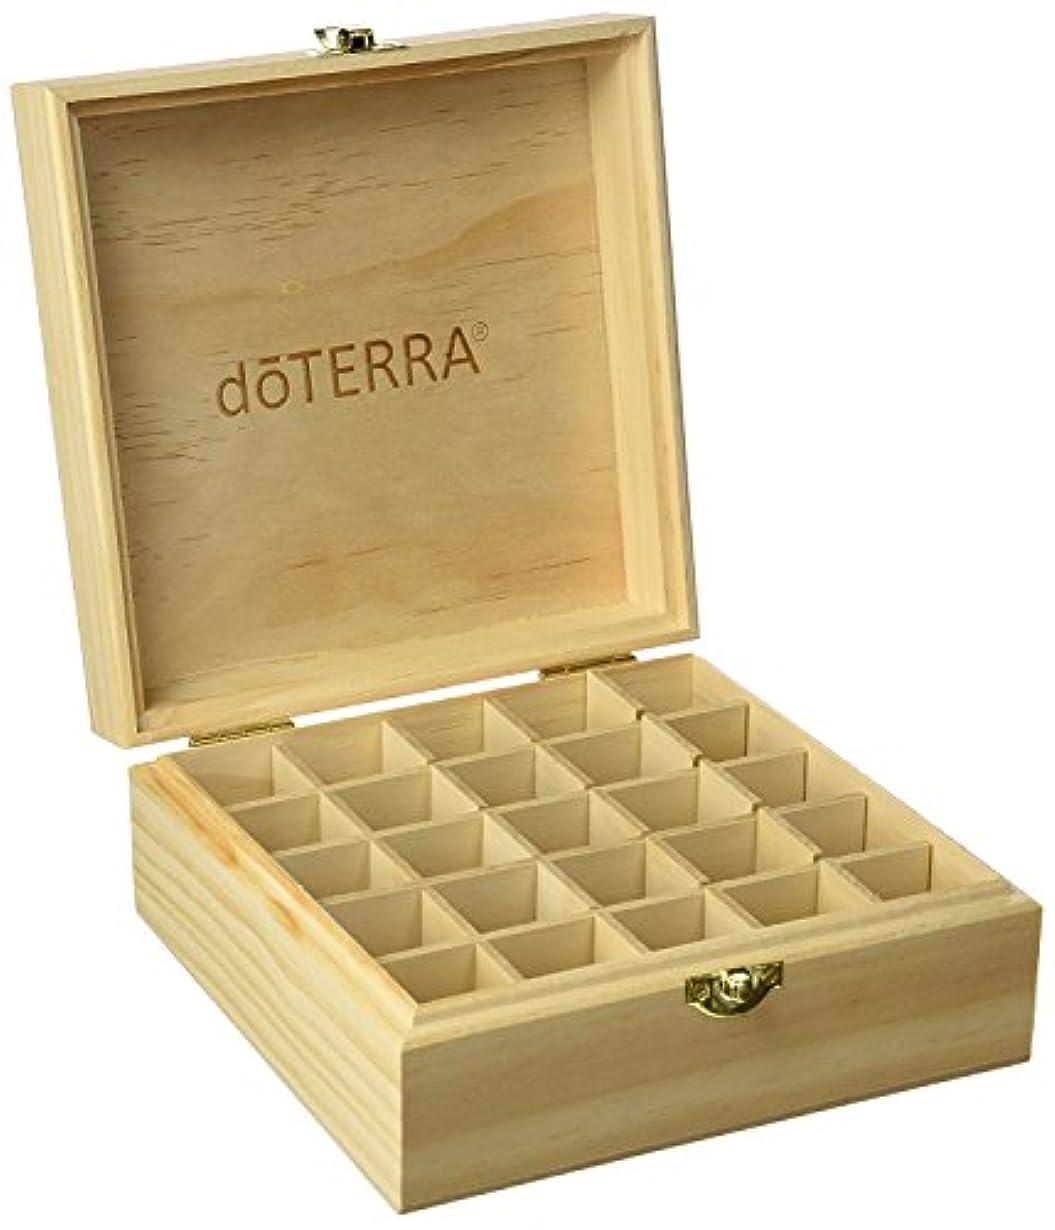 肘破産メッセンジャーエッセンシャルオイル収納ボックス25本用 エッセンシャルオイルボックス 20 mlのボトルを15 mlのための25のブロックによって木製のキャビネット